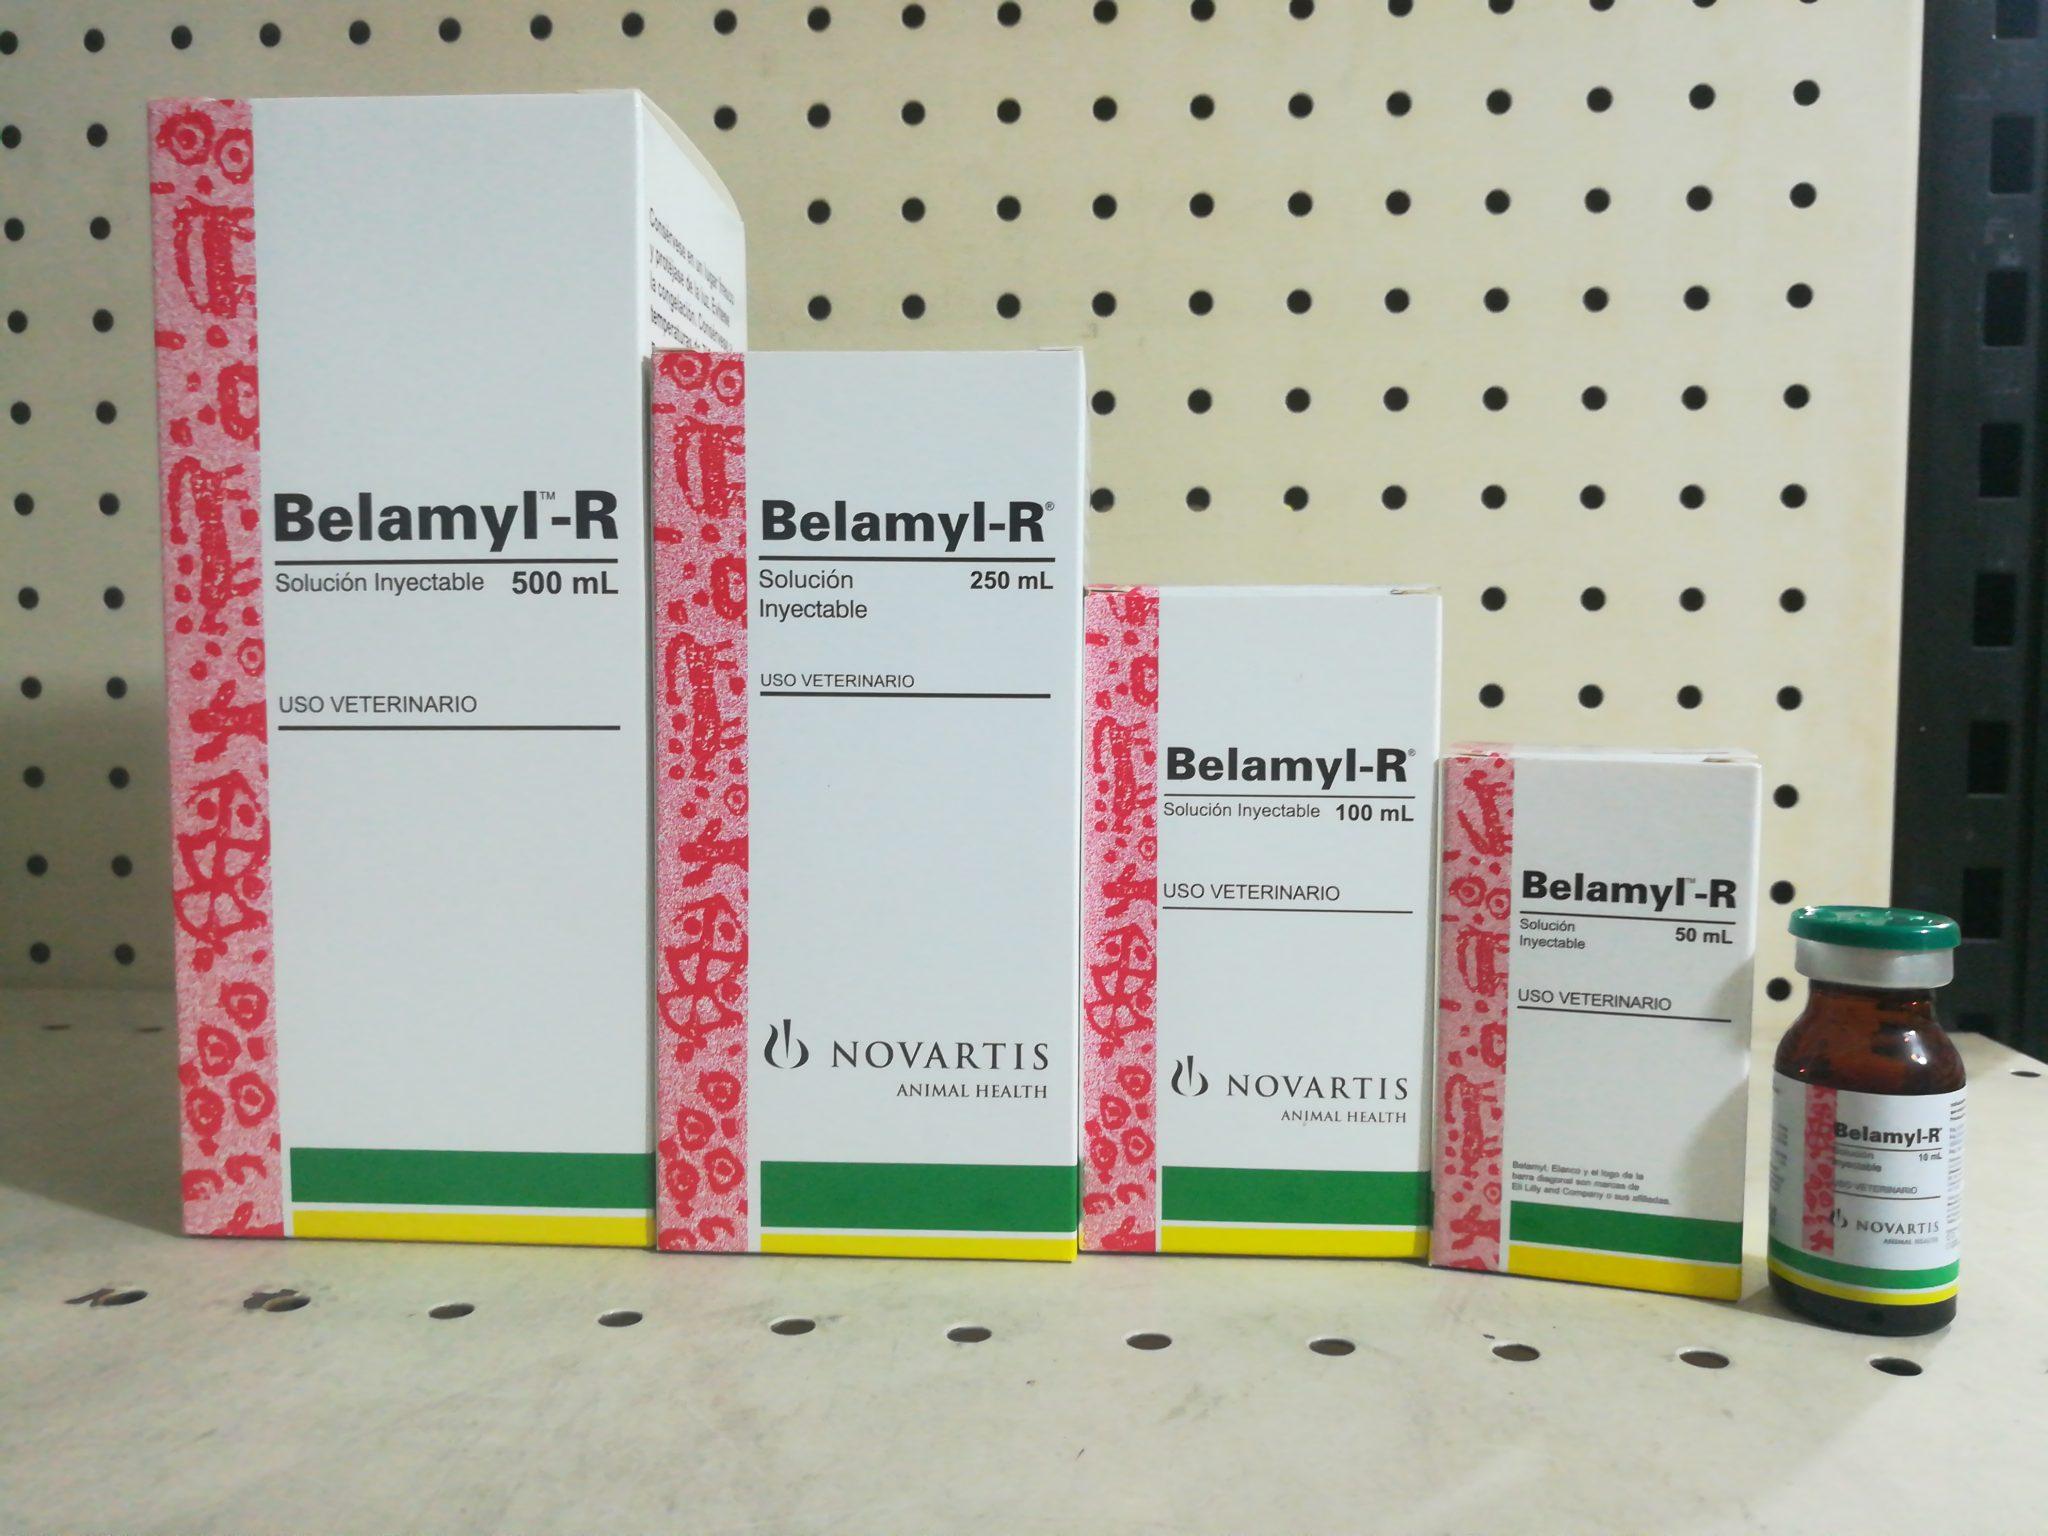 BELAMYL X 500 ML